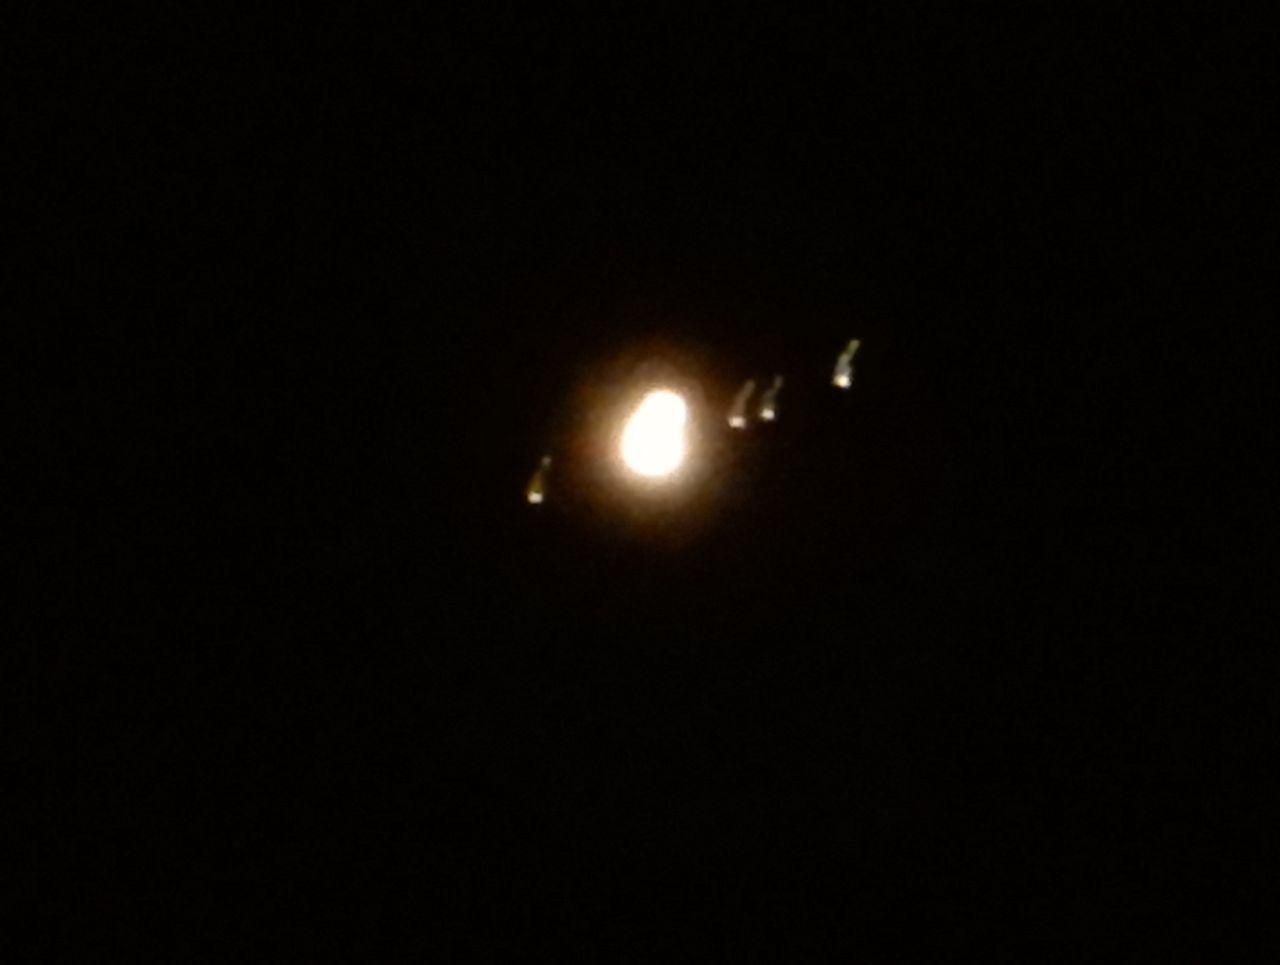 木星と衛星なのか?_c0025115_22323043.jpg